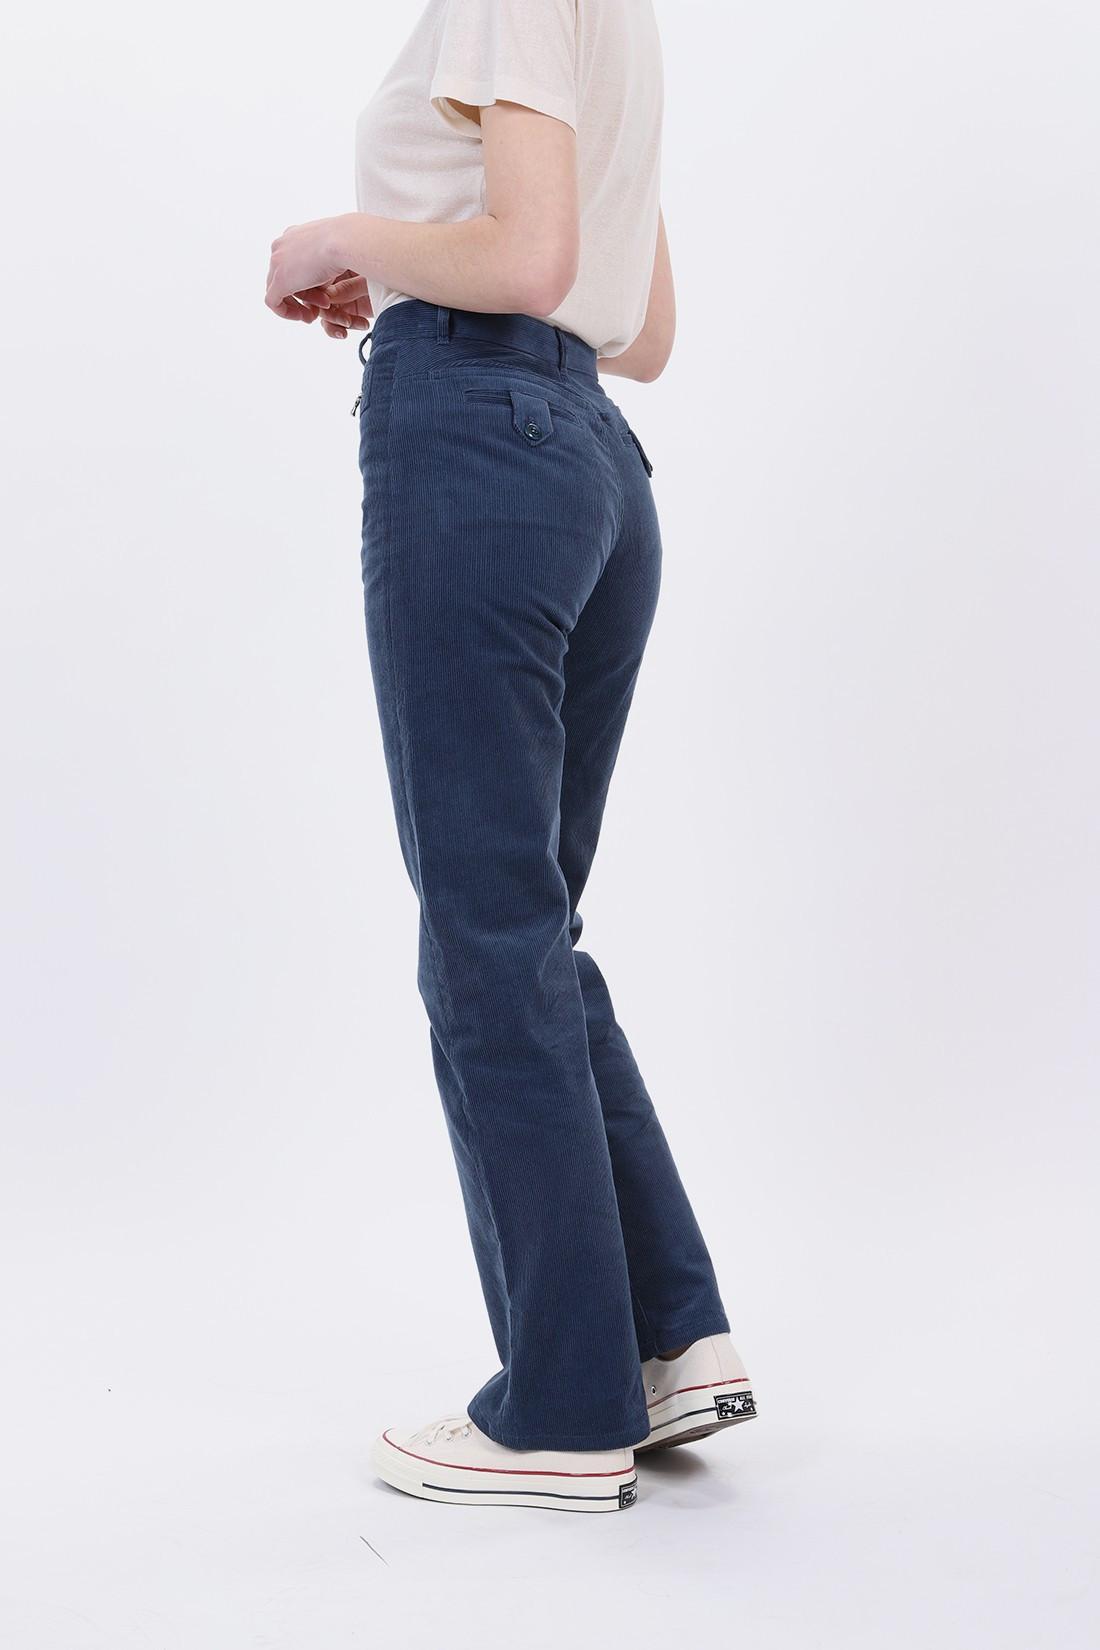 A.P.C. FOR WOMAN / Jean newport Bleu acier